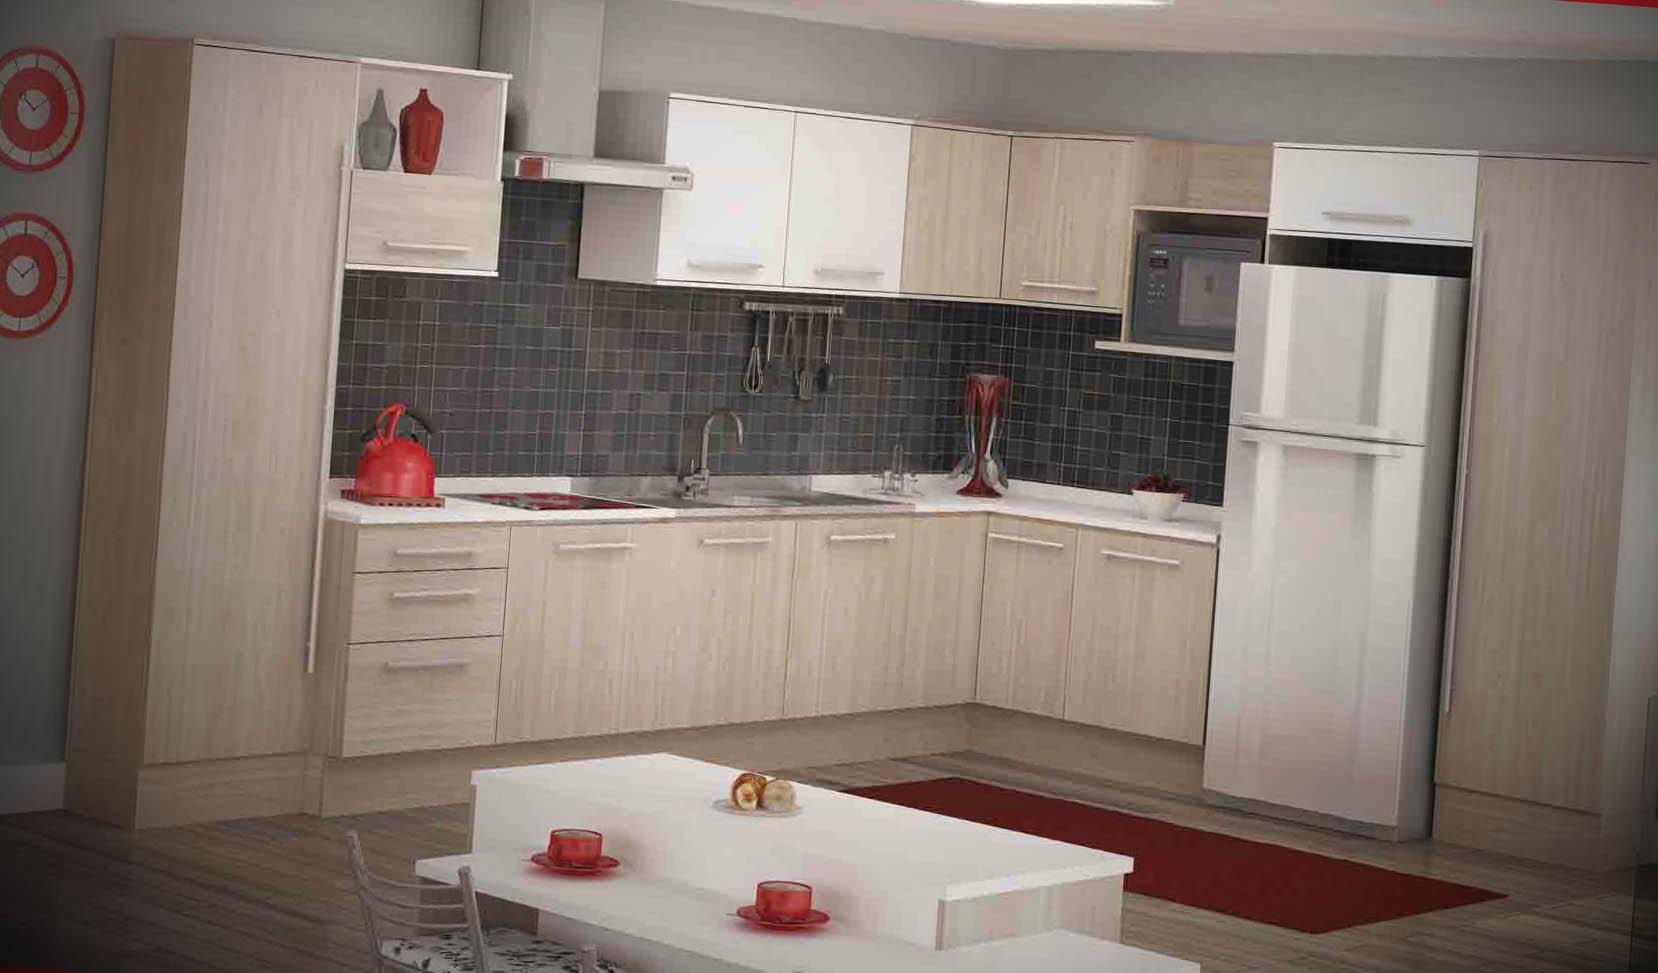 Fotos de modelos de cozinha kappesberg #9A3131 1658 973